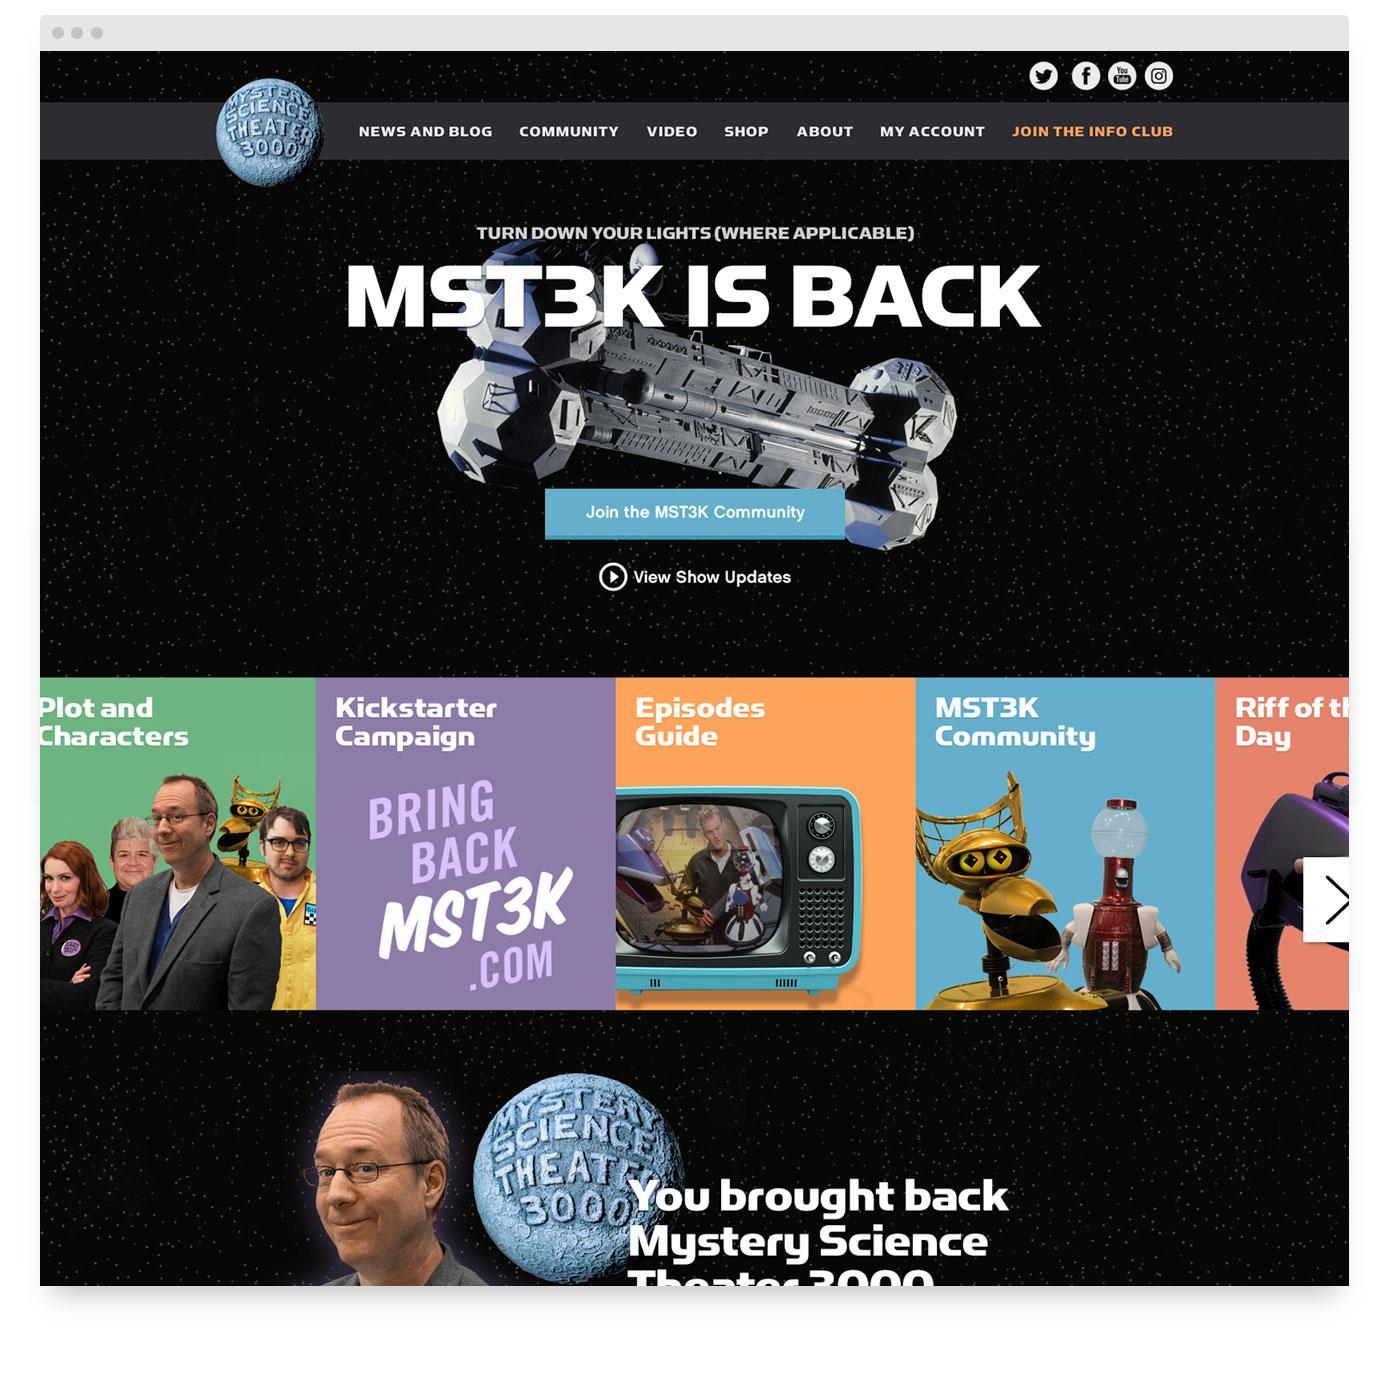 mst3k-home-desktop-min.jpg